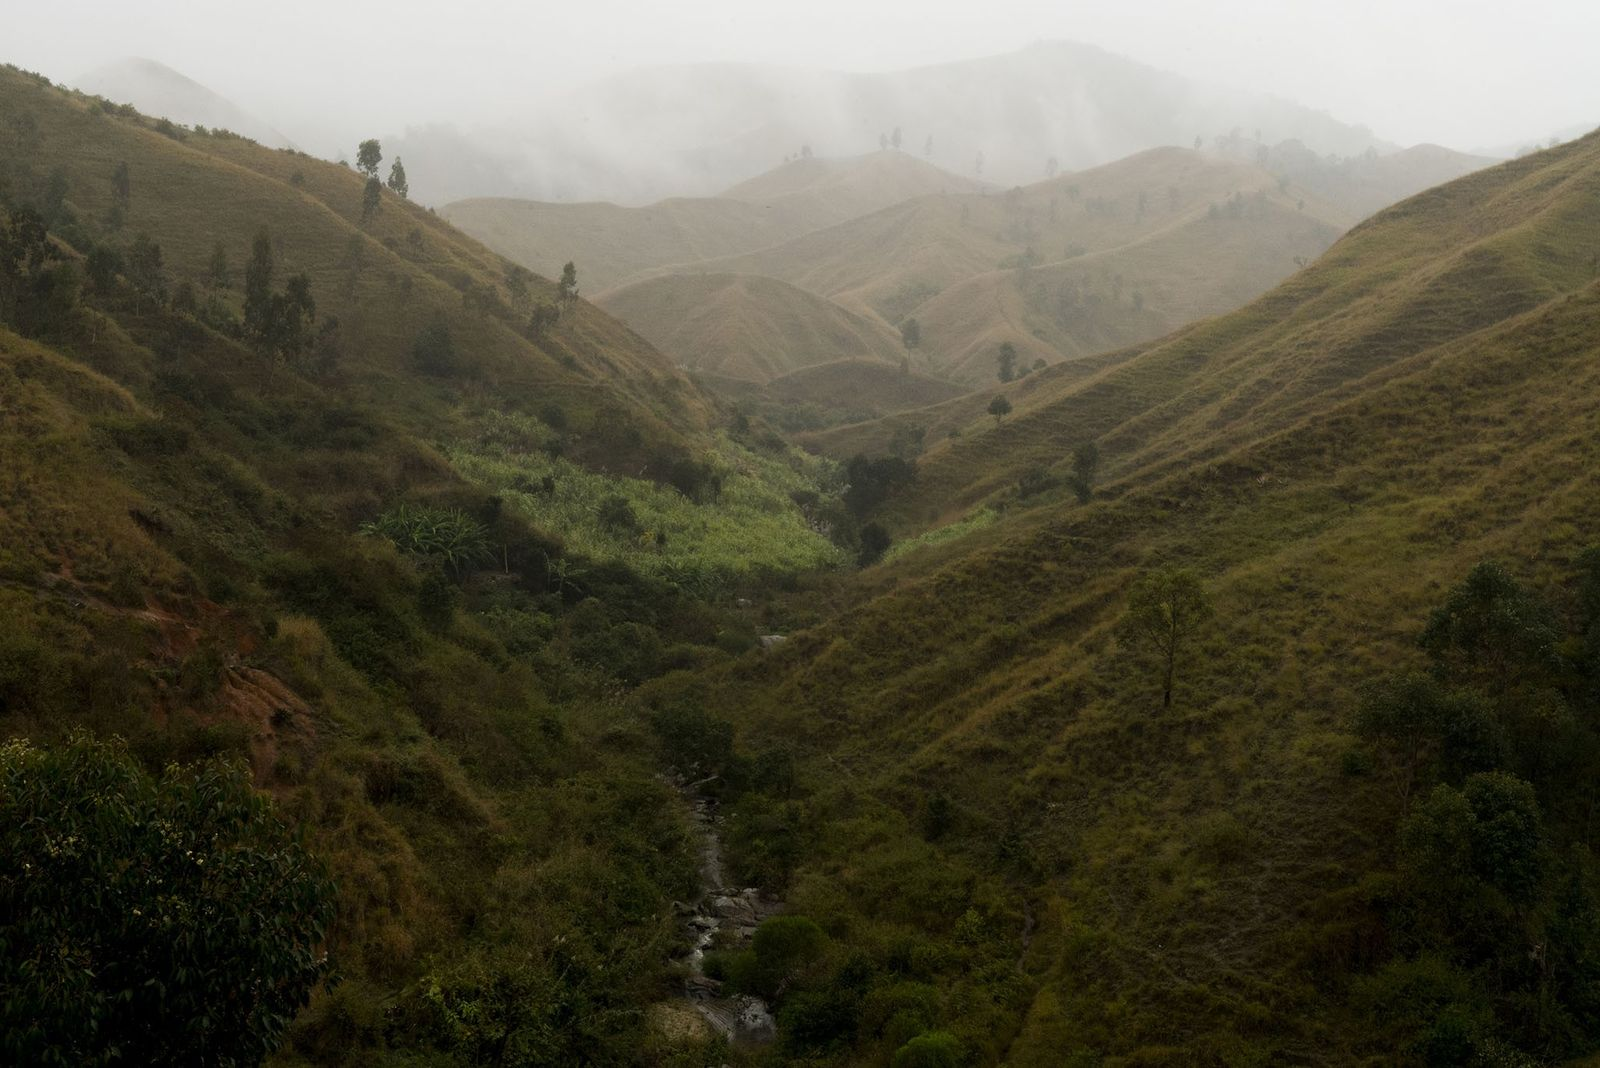 Un ruisseau serpente entre les collines en périphérie de la ville d'Antesevabe, point d'accès au sentier ...